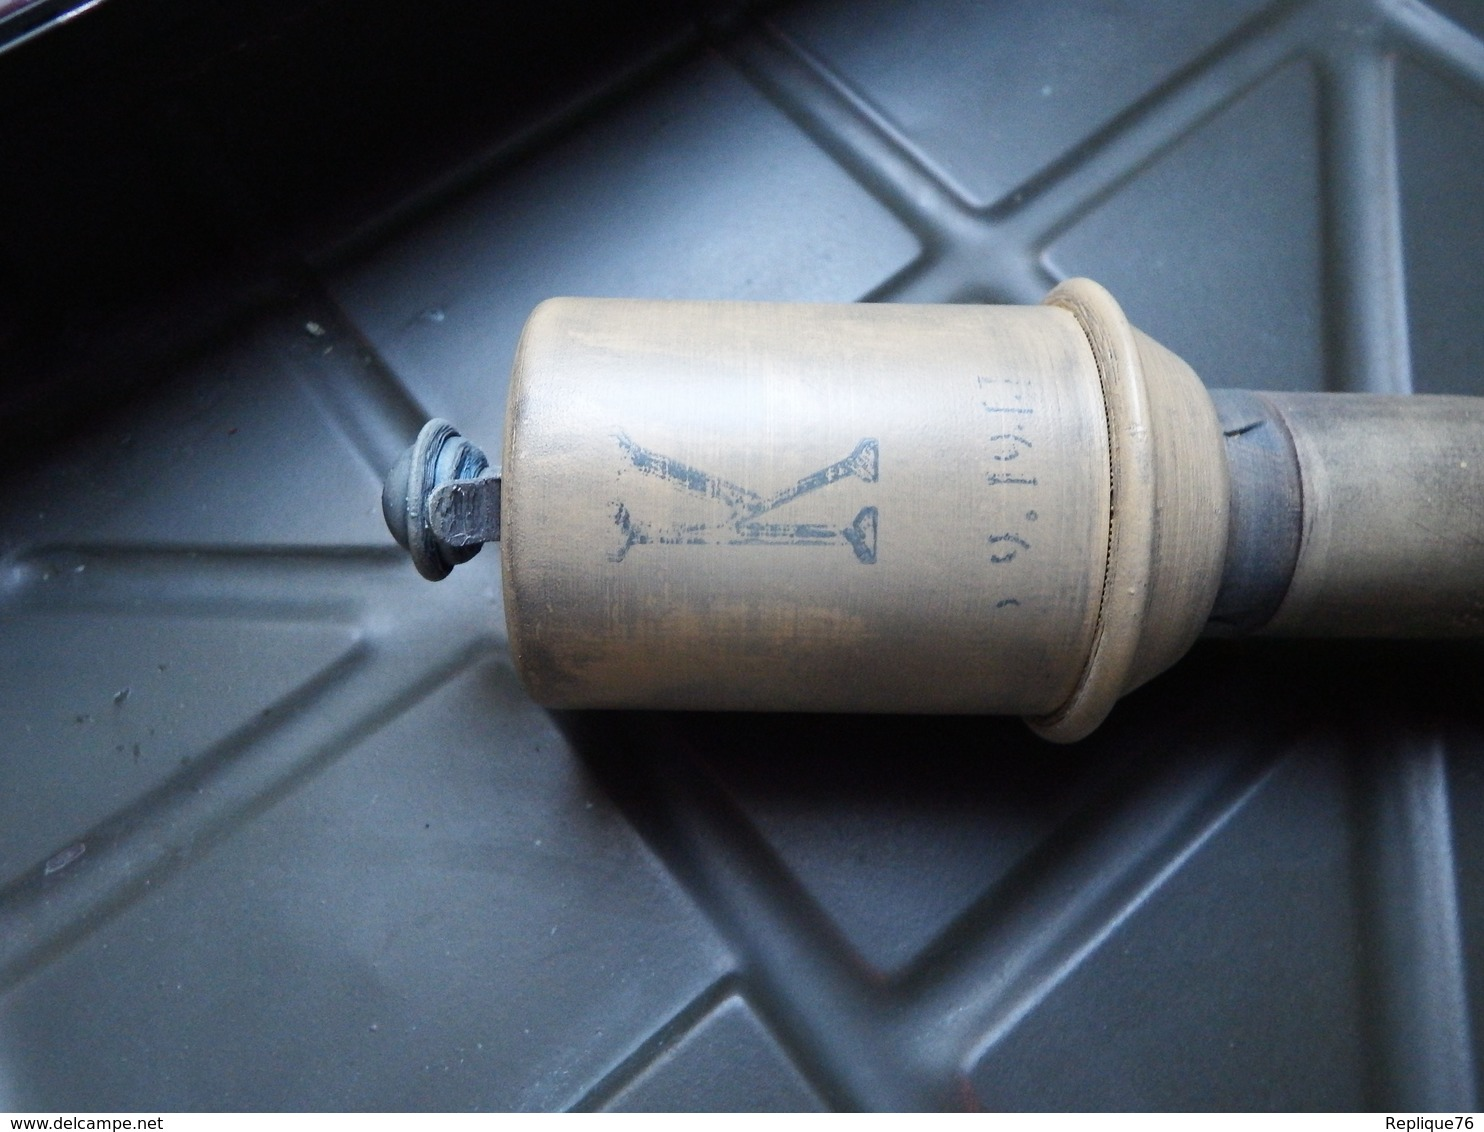 Réplique/reproduction Grenade Stielhandgranate 43 WW2 échelle 1:1 - 1939-45